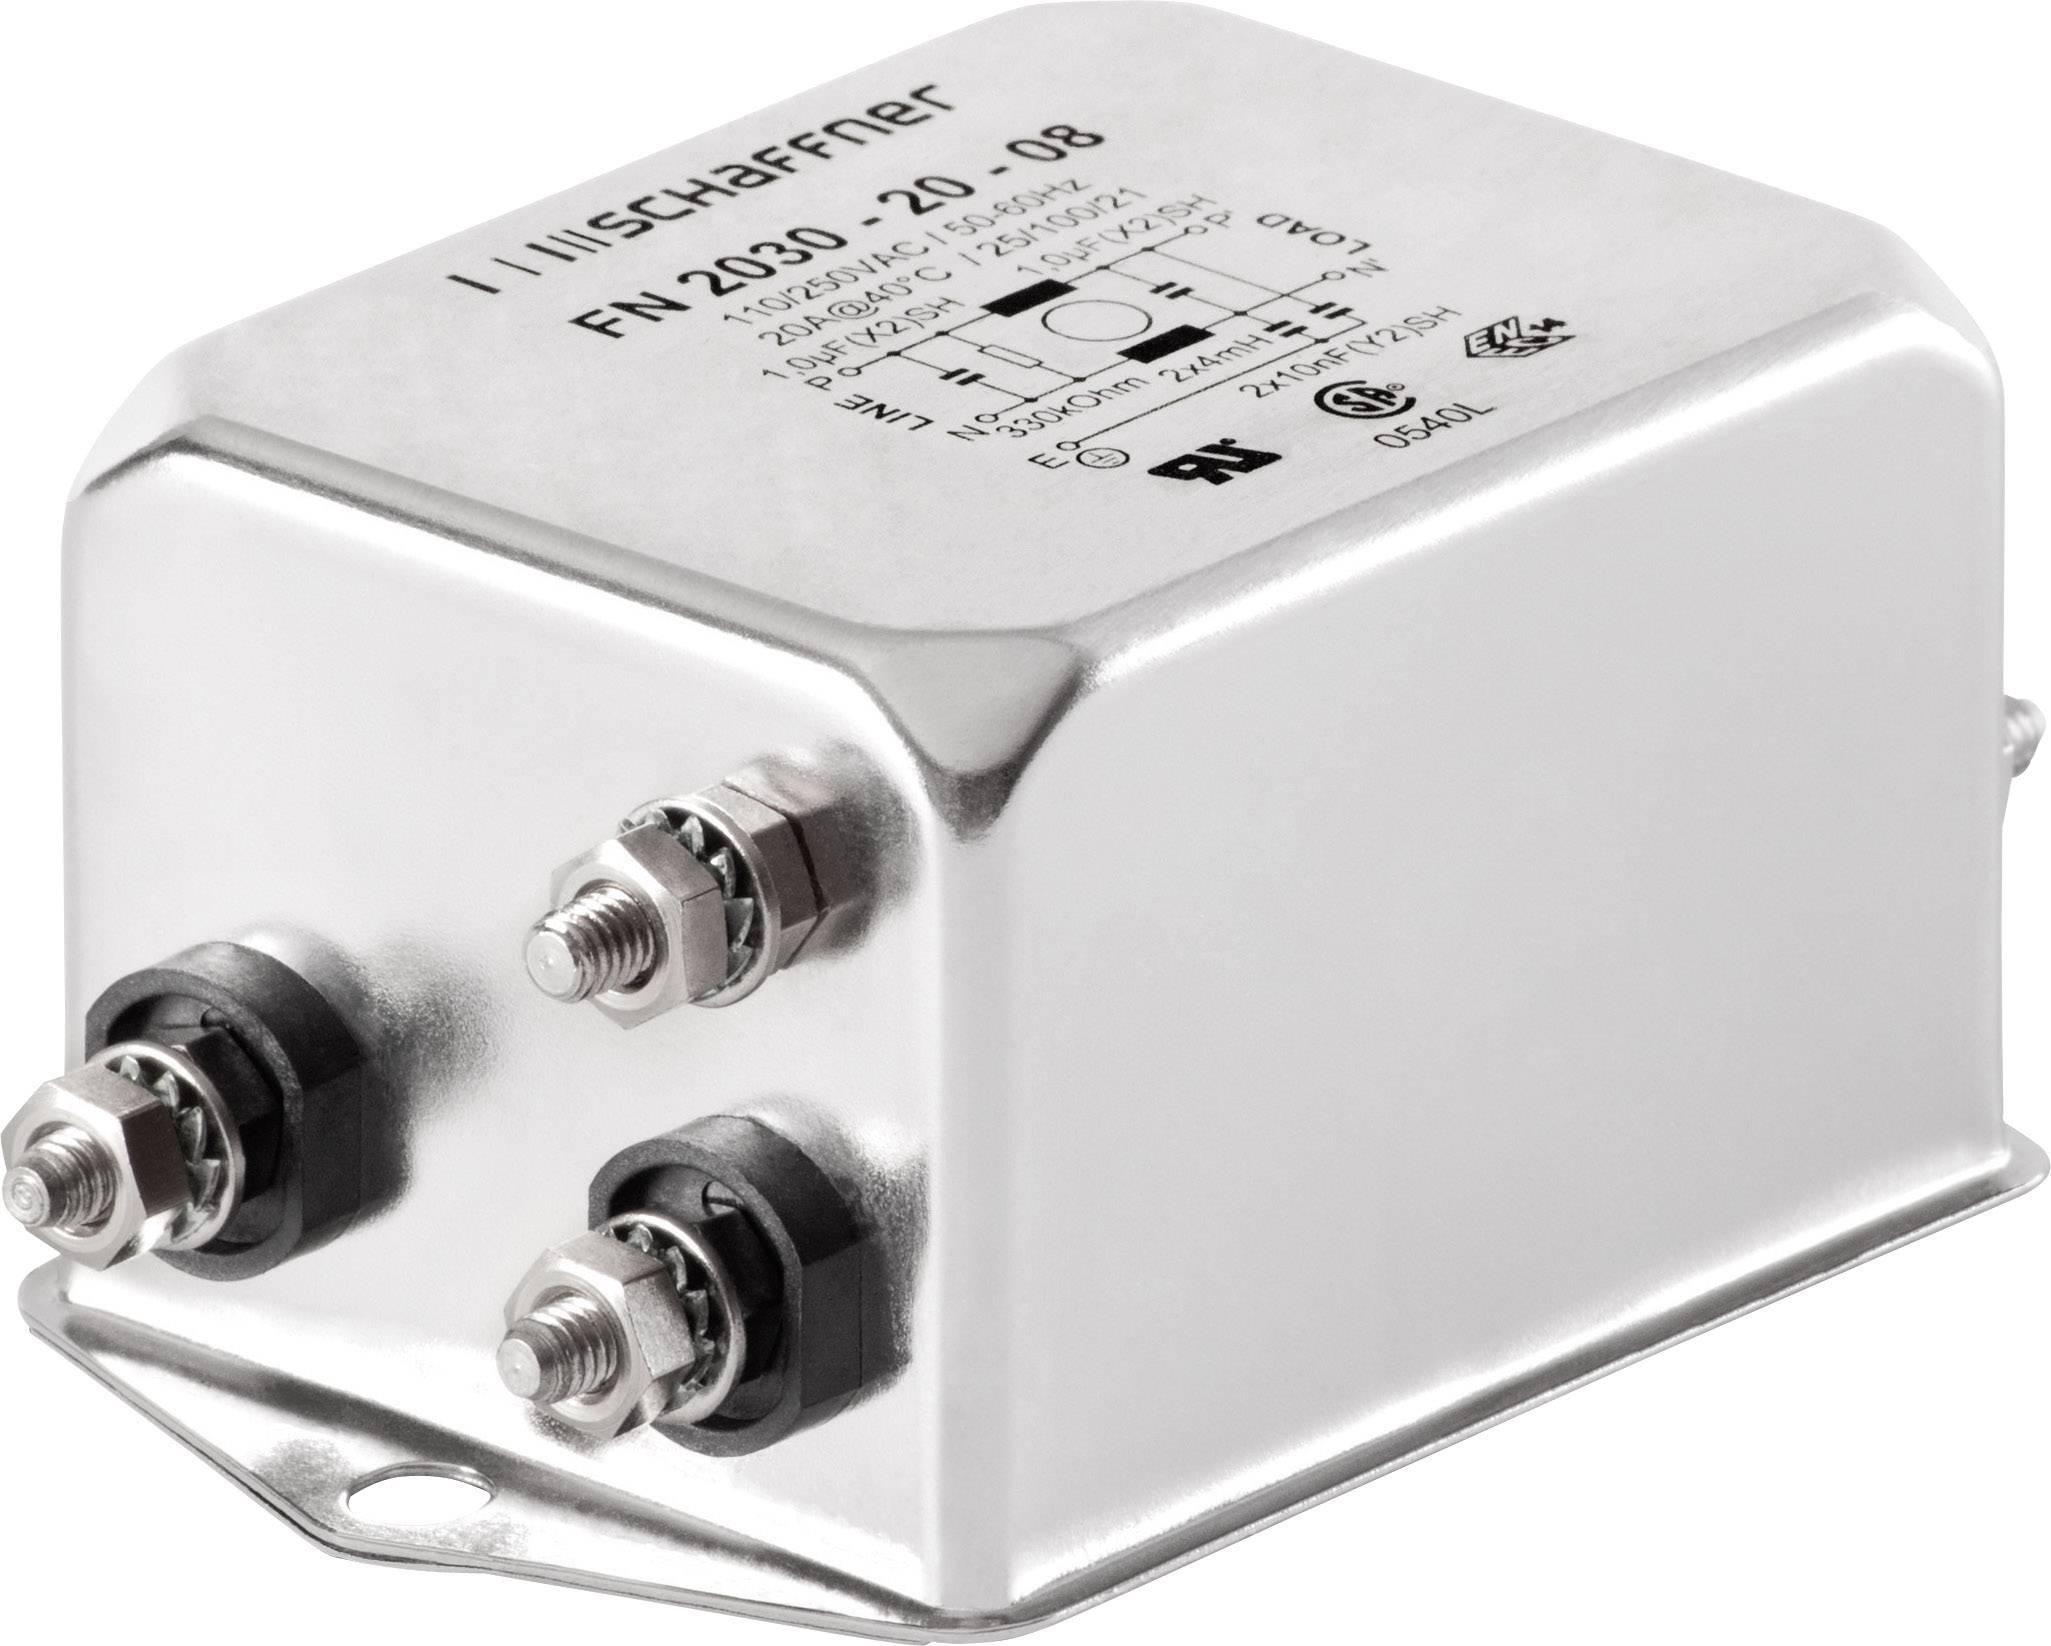 Odrušovací filter Schaffner FN2030-30-08 FN2030-30-08, 250 V/AC, 30 A, 2 mH, (d x š x v) 85 x 54 x 30.3 mm, 1 ks